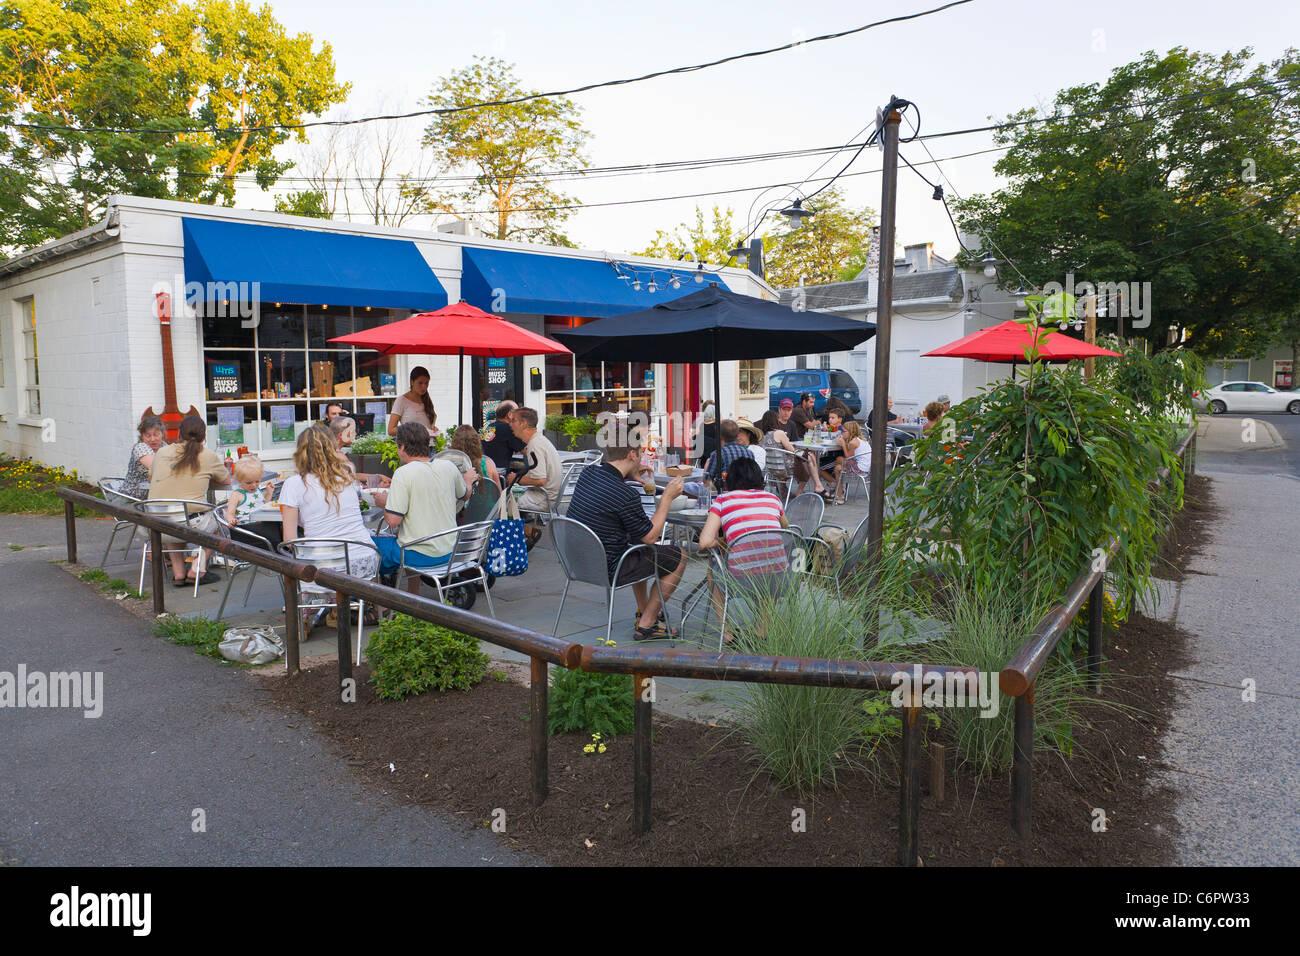 Restaurante al aire libre en Woodstock Nueva York Imagen De Stock